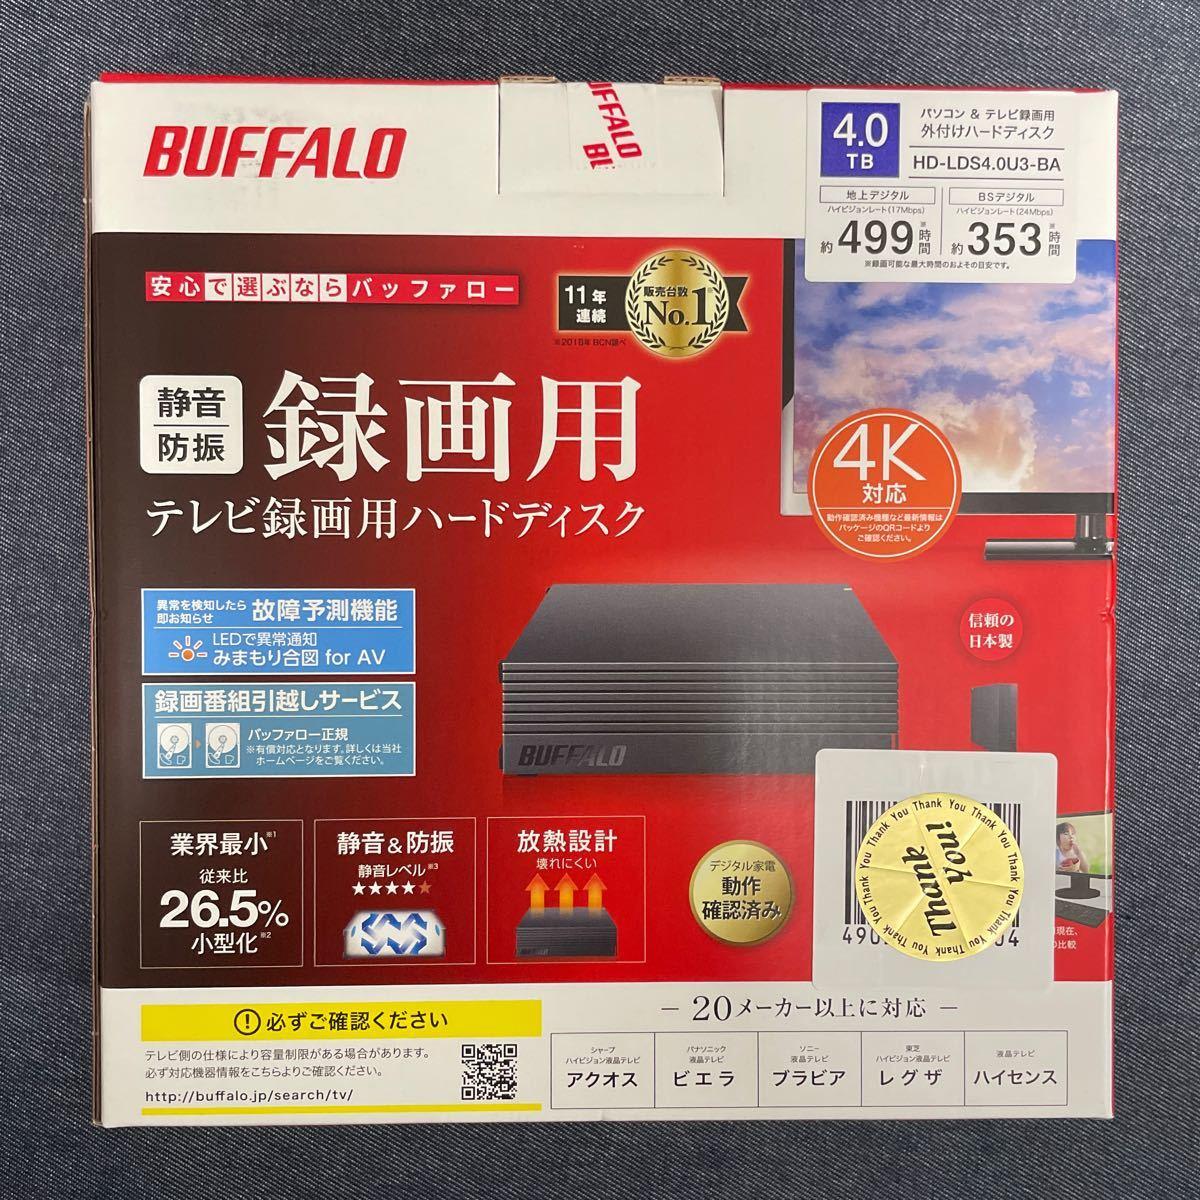 バッファロー HD-LDS4.0U3-BA 外付けHDD 4TB PC用・TV録画用 静音/防振/放熱設計 日本製 メーカー保証